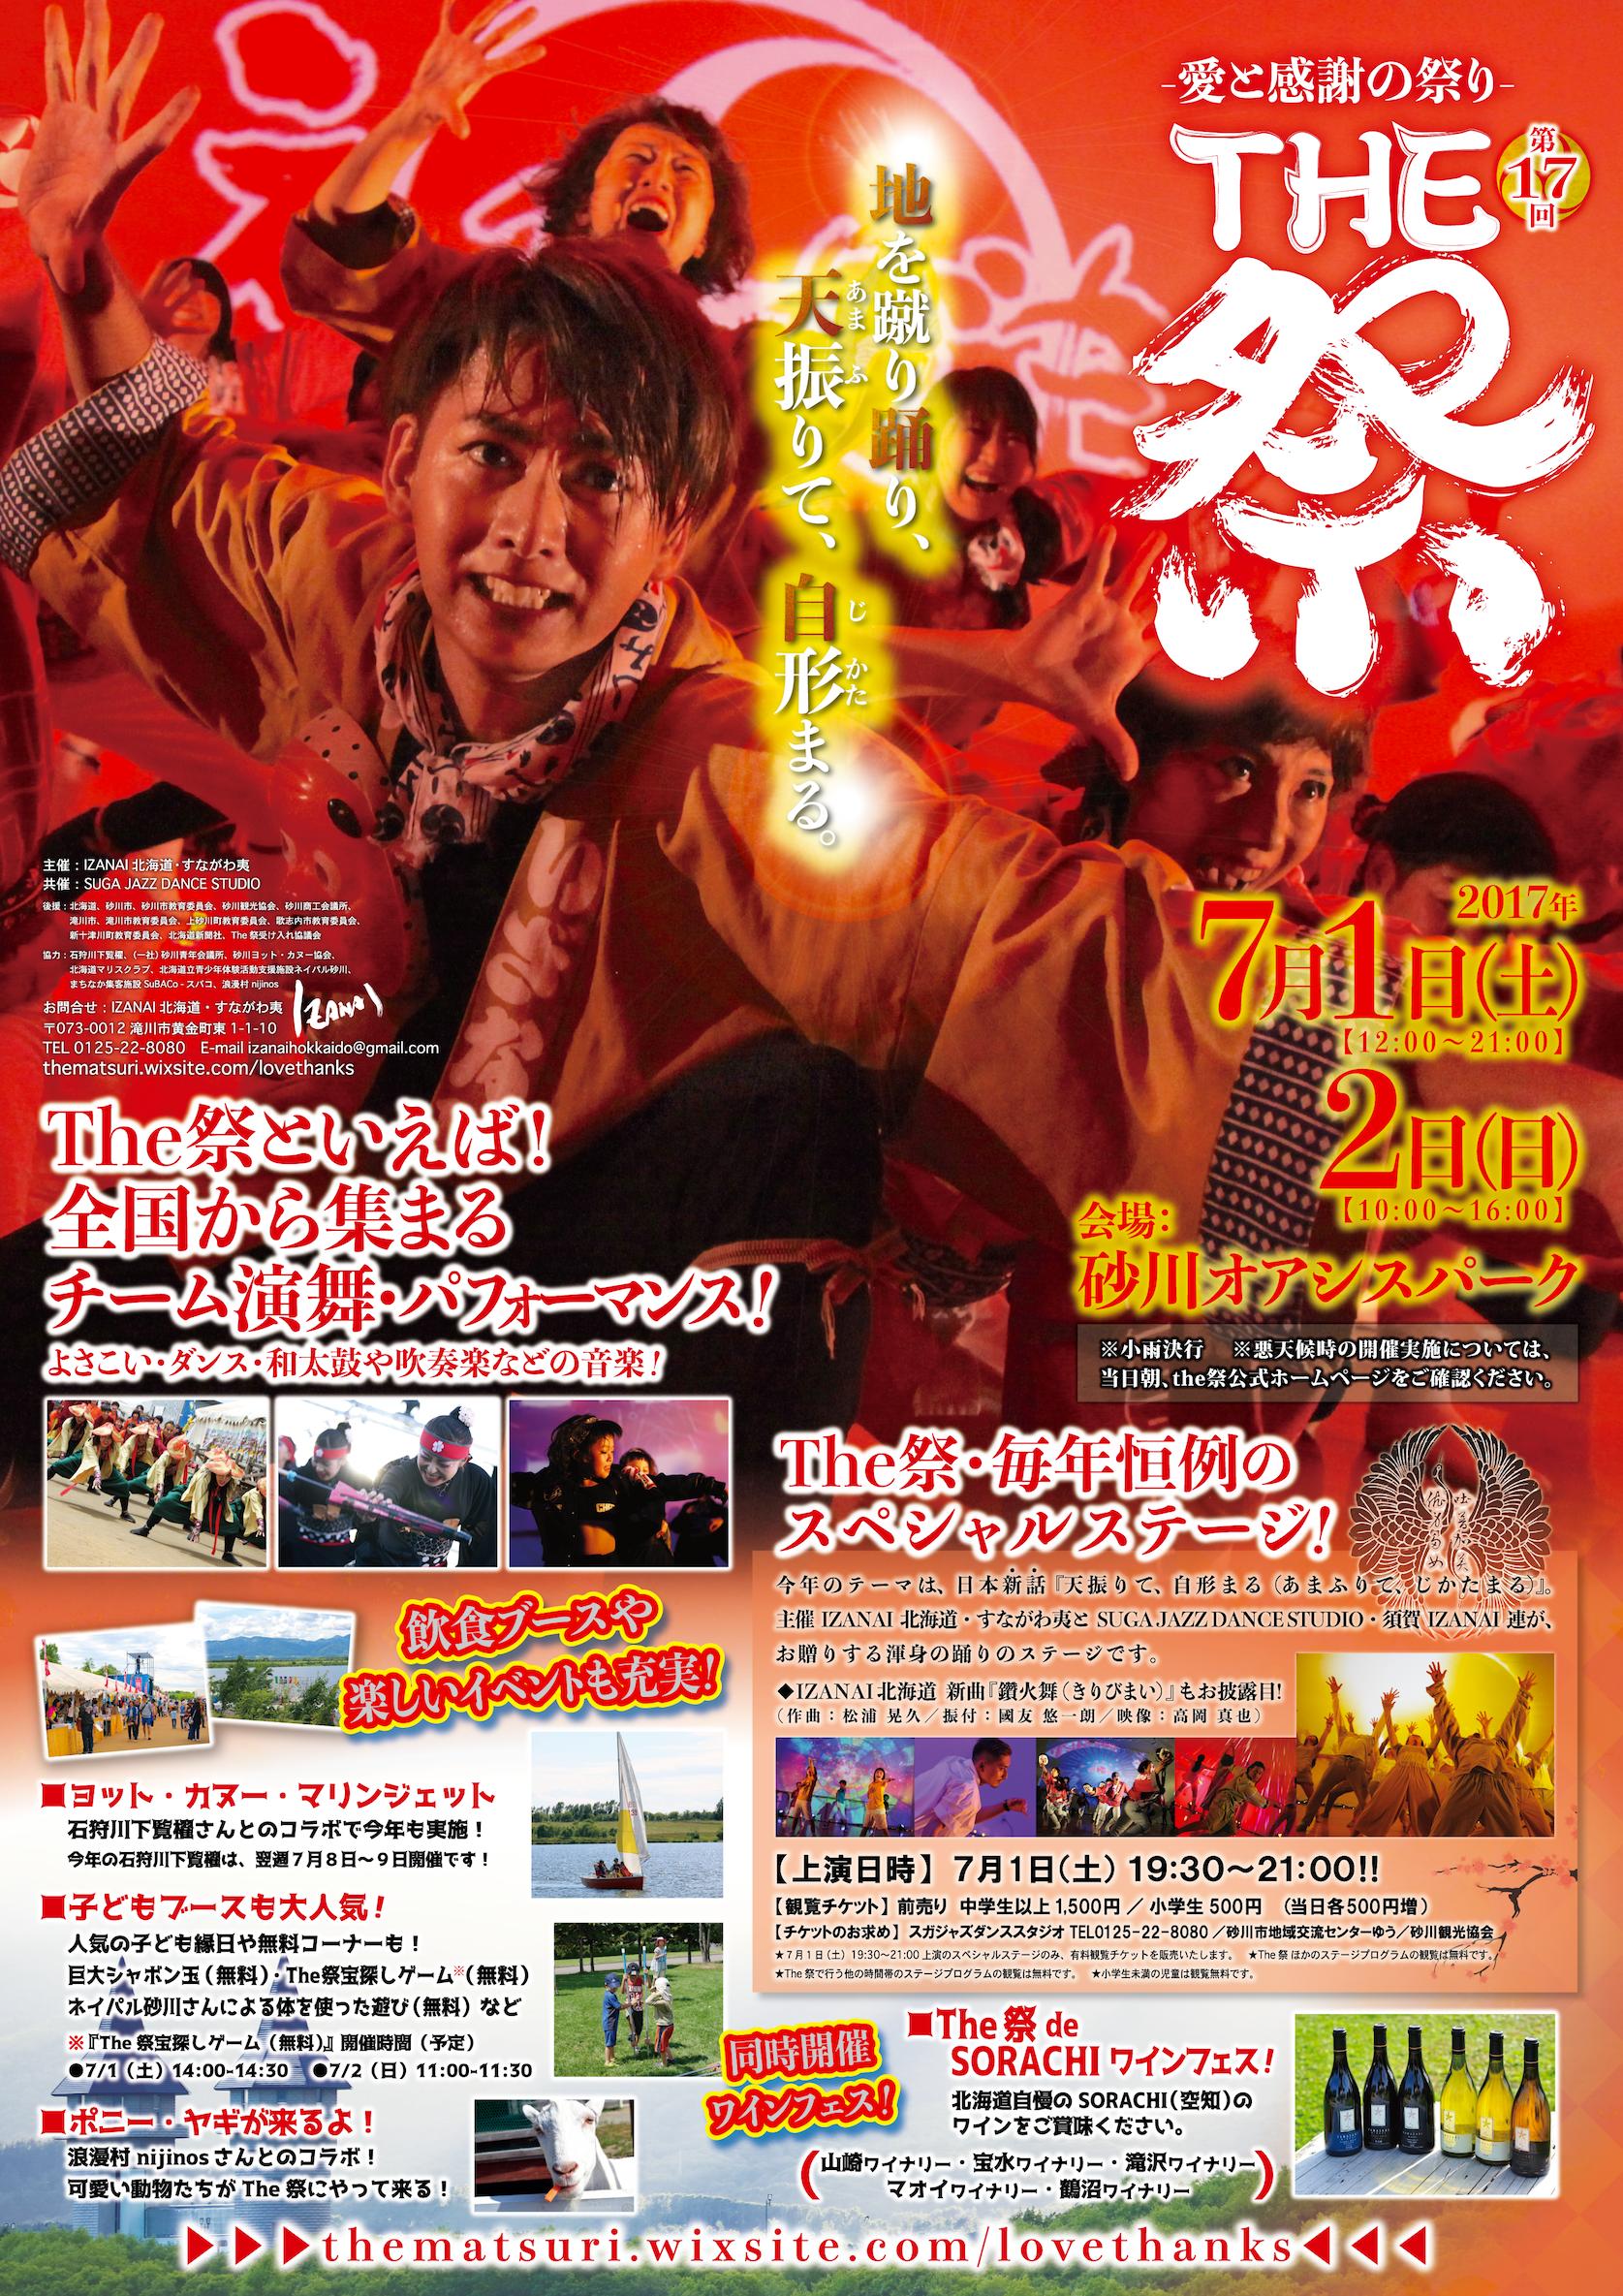 第17回THE祭(2017年)のポスター